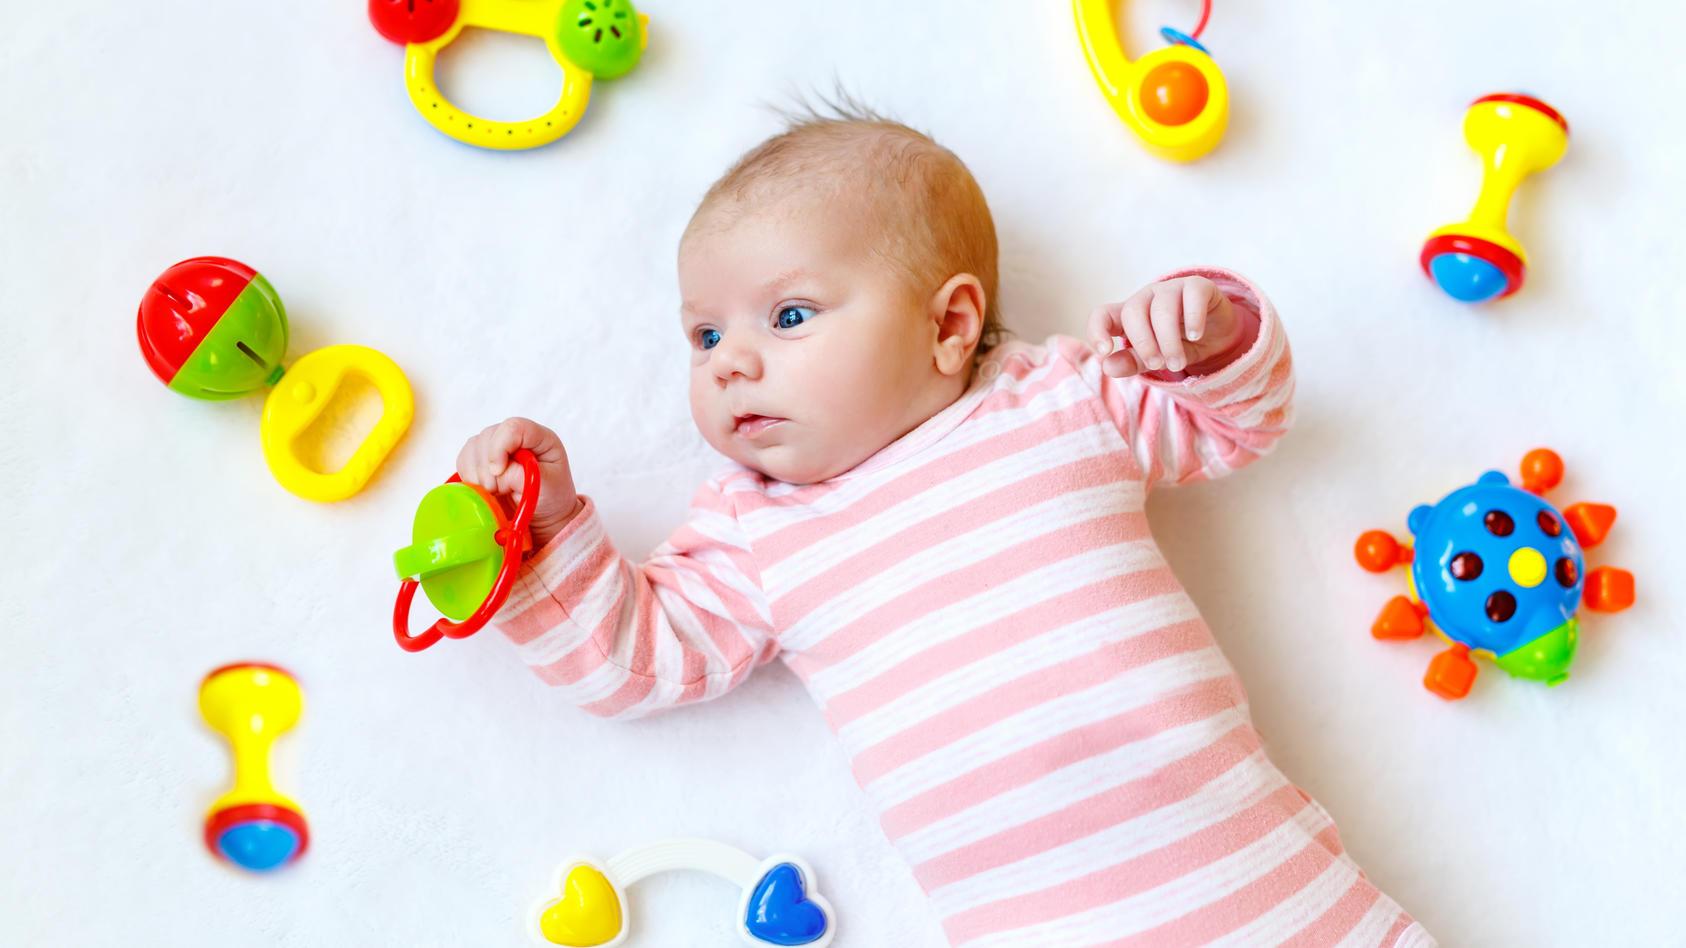 Mit dem richtigen Spielzeug die Entwicklung Ihres Babys fördern: Ab dem 5. Monat interessiert sich das Baby mehr für allerhand Spielzeug und will beschäftigt werden.